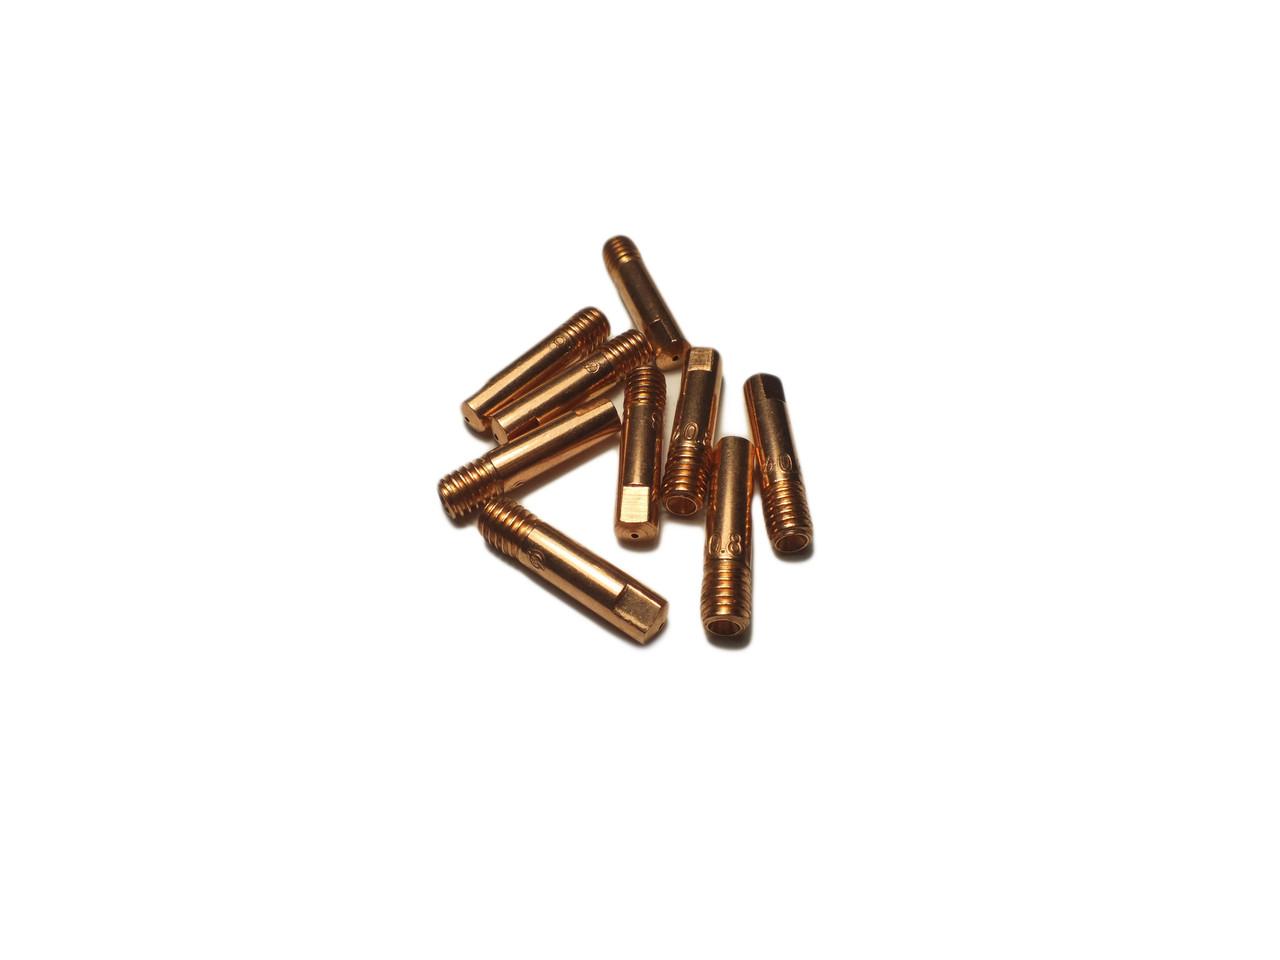 Токосъемный наконечник для сварочных полуавтоматов E-Cu ф0,8/М6/25